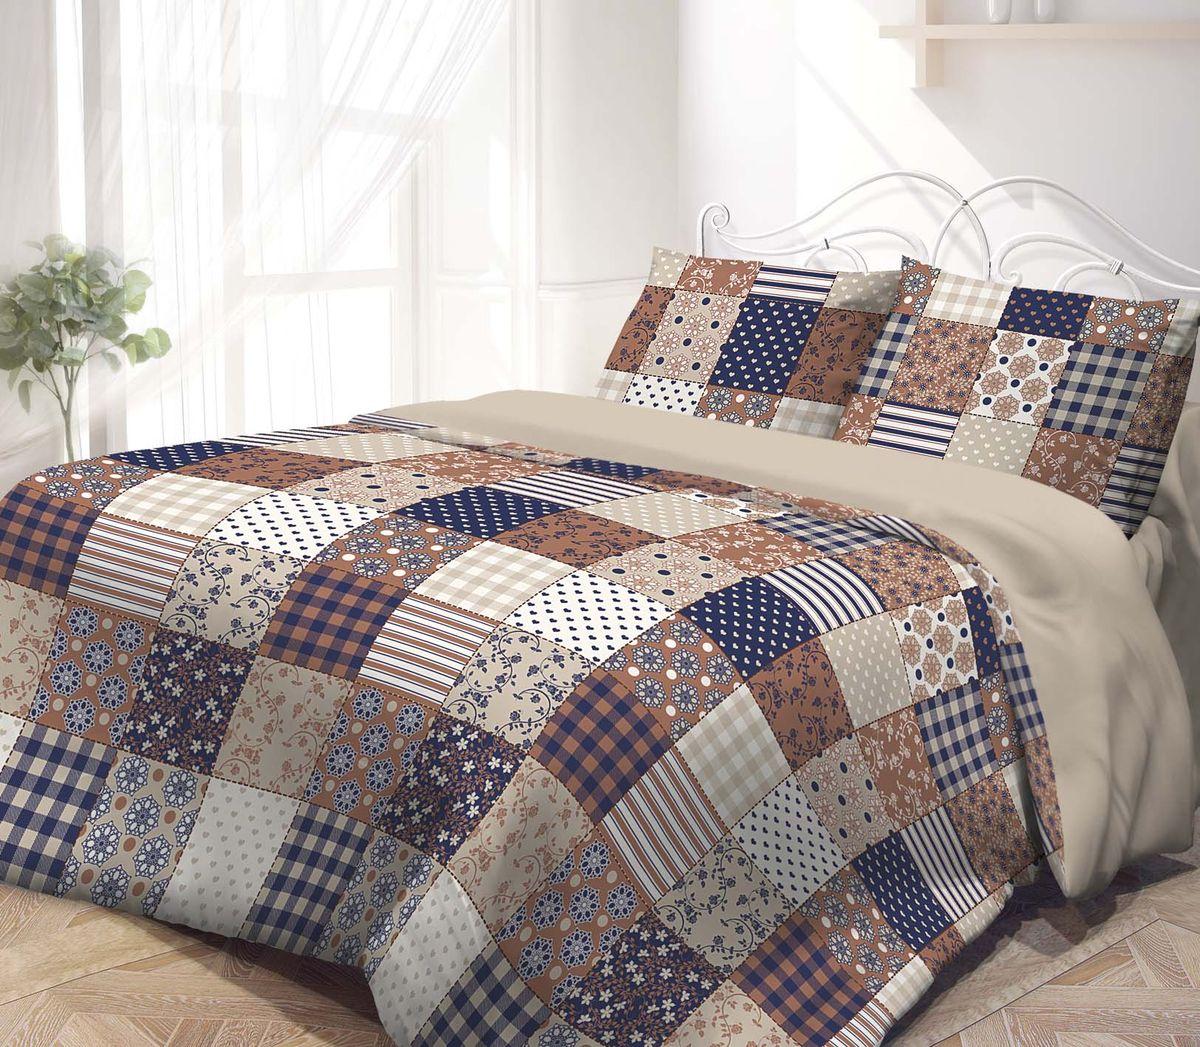 Комплект белья Гармония, 1,5-спальный, наволочки 50х70, цвет: синий, коричневый193252Комплект постельного белья Гармония является экологически безопасным, так как выполнен из поплина (100% хлопка). Комплект состоит из пододеяльника, простыни и двух наволочек. Постельное белье оформлено орнаментом в клетку и имеет изысканный внешний вид. Постельное белье Гармония - лучший выбор для современной хозяйки! Его отличают демократичная цена и отличное качество. Поплин мягкий и приятный на ощупь. Кроме того, эта ткань не требует особого ухода, легко стирается и прекрасно держит форму. Высококачественные красители, которые используются при производстве постельного белья, сохраняют свой цвет даже после многочисленных стирок.